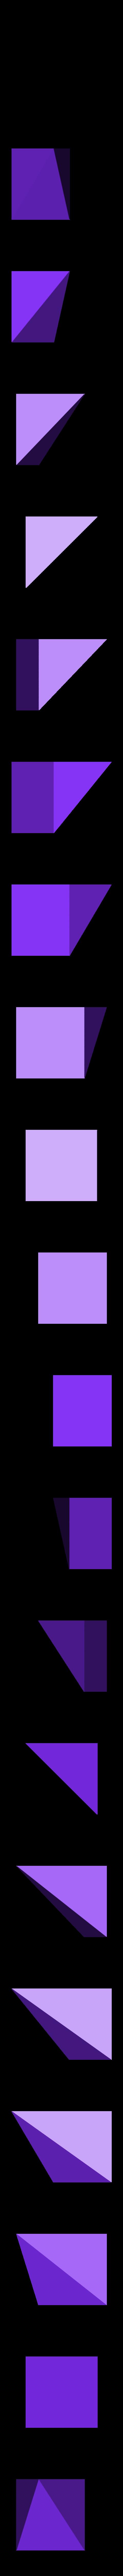 cube_1_3_yangma.stl Télécharger fichier STL gratuit Liu Hui Cube Puzzle / Dissection (Qiandu, Yangma, Bie'nao) • Plan imprimable en 3D, LGBU